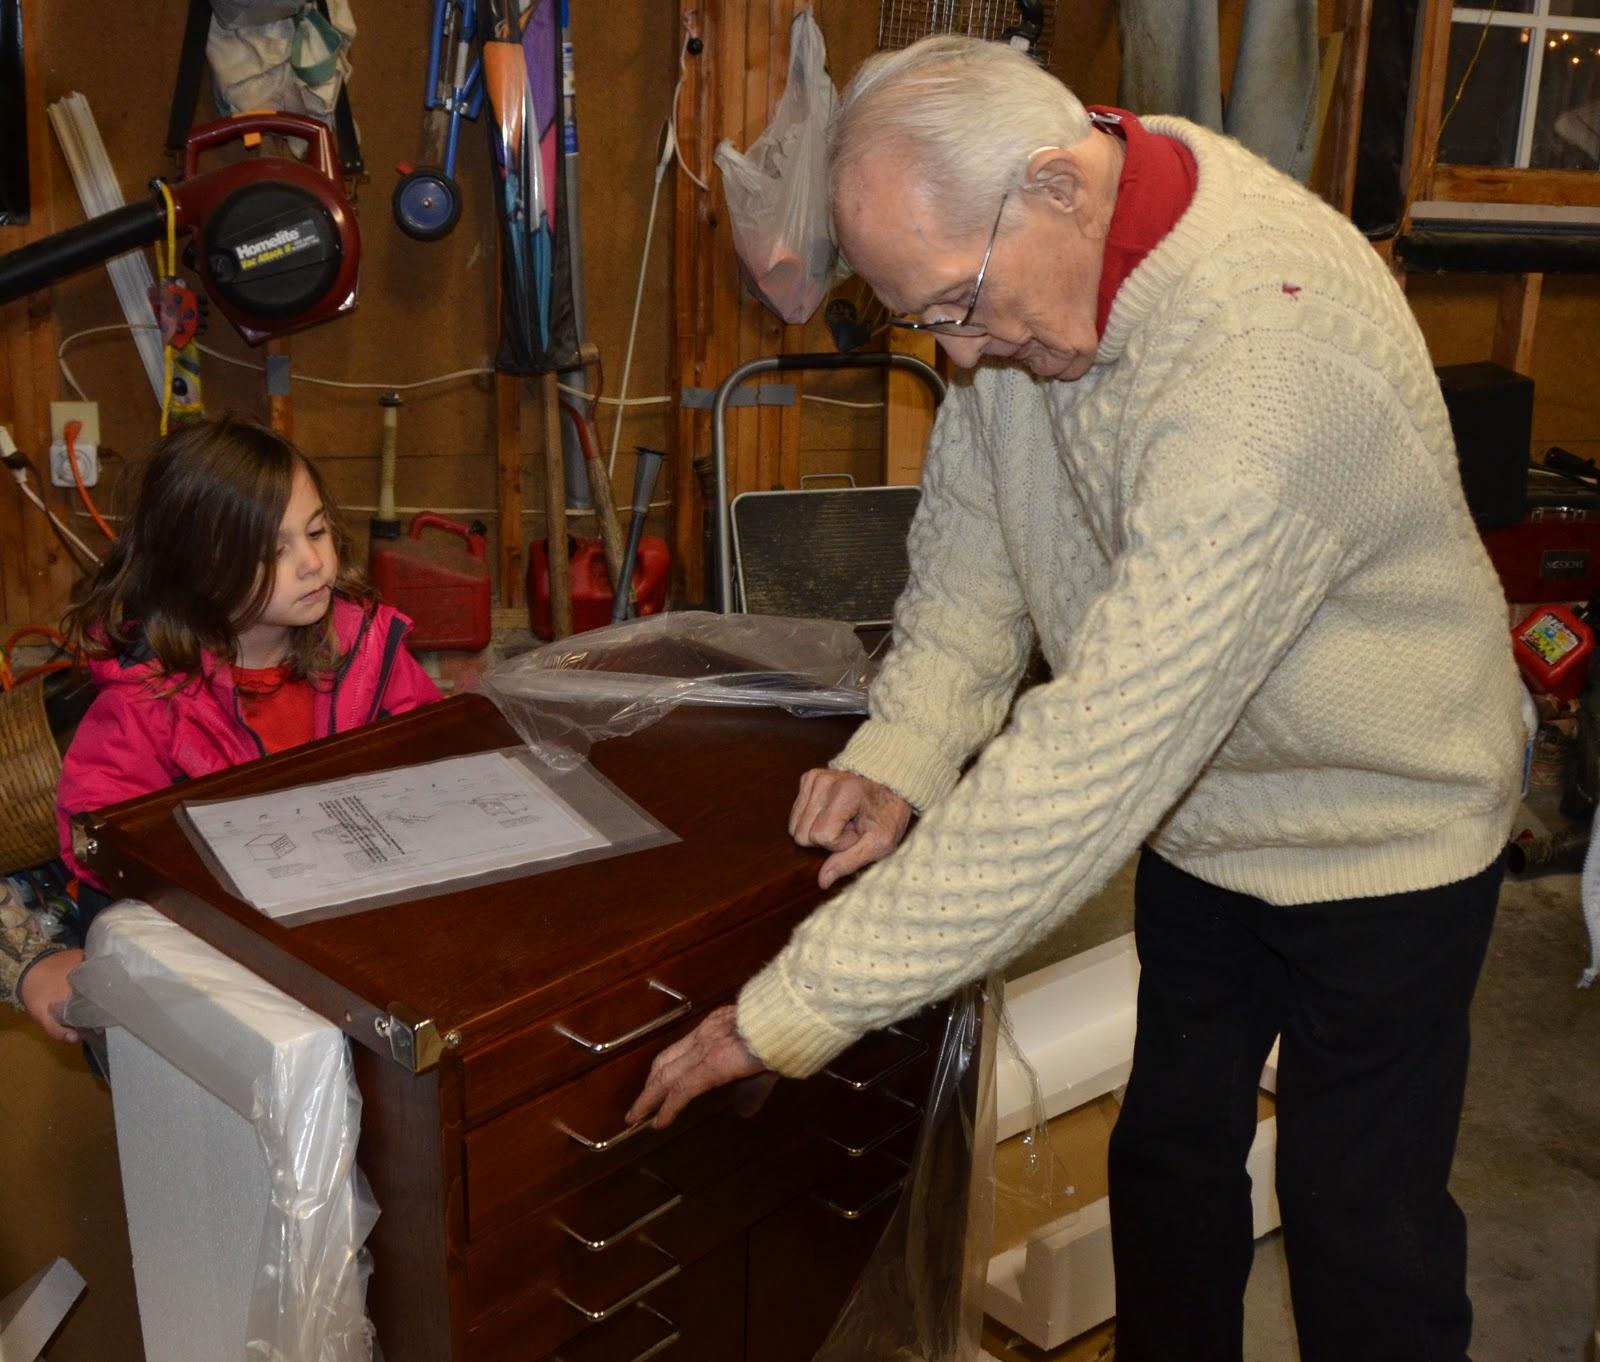 http://4.bp.blogspot.com/-lRP-vHrJRIQ/TudtoqoiycI/AAAAAAAANOY/Jz9JjsEUQG4/s1600/Lily+watches+Granddaddy+Pete-sm.JPG